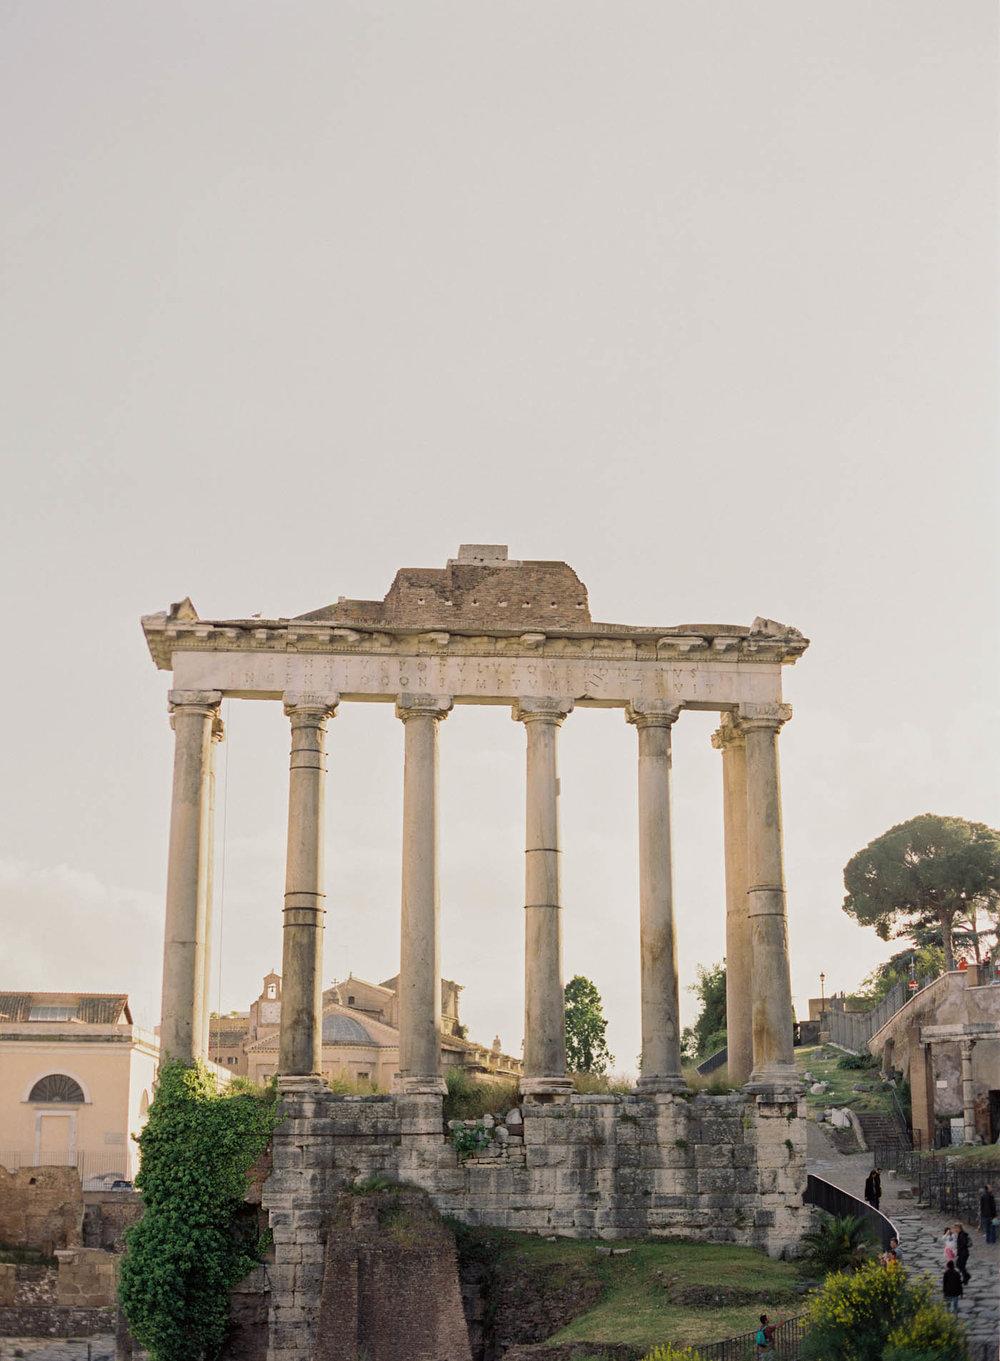 Rome_Travel-13-Jen_Huang-007324-R1-006.jpg